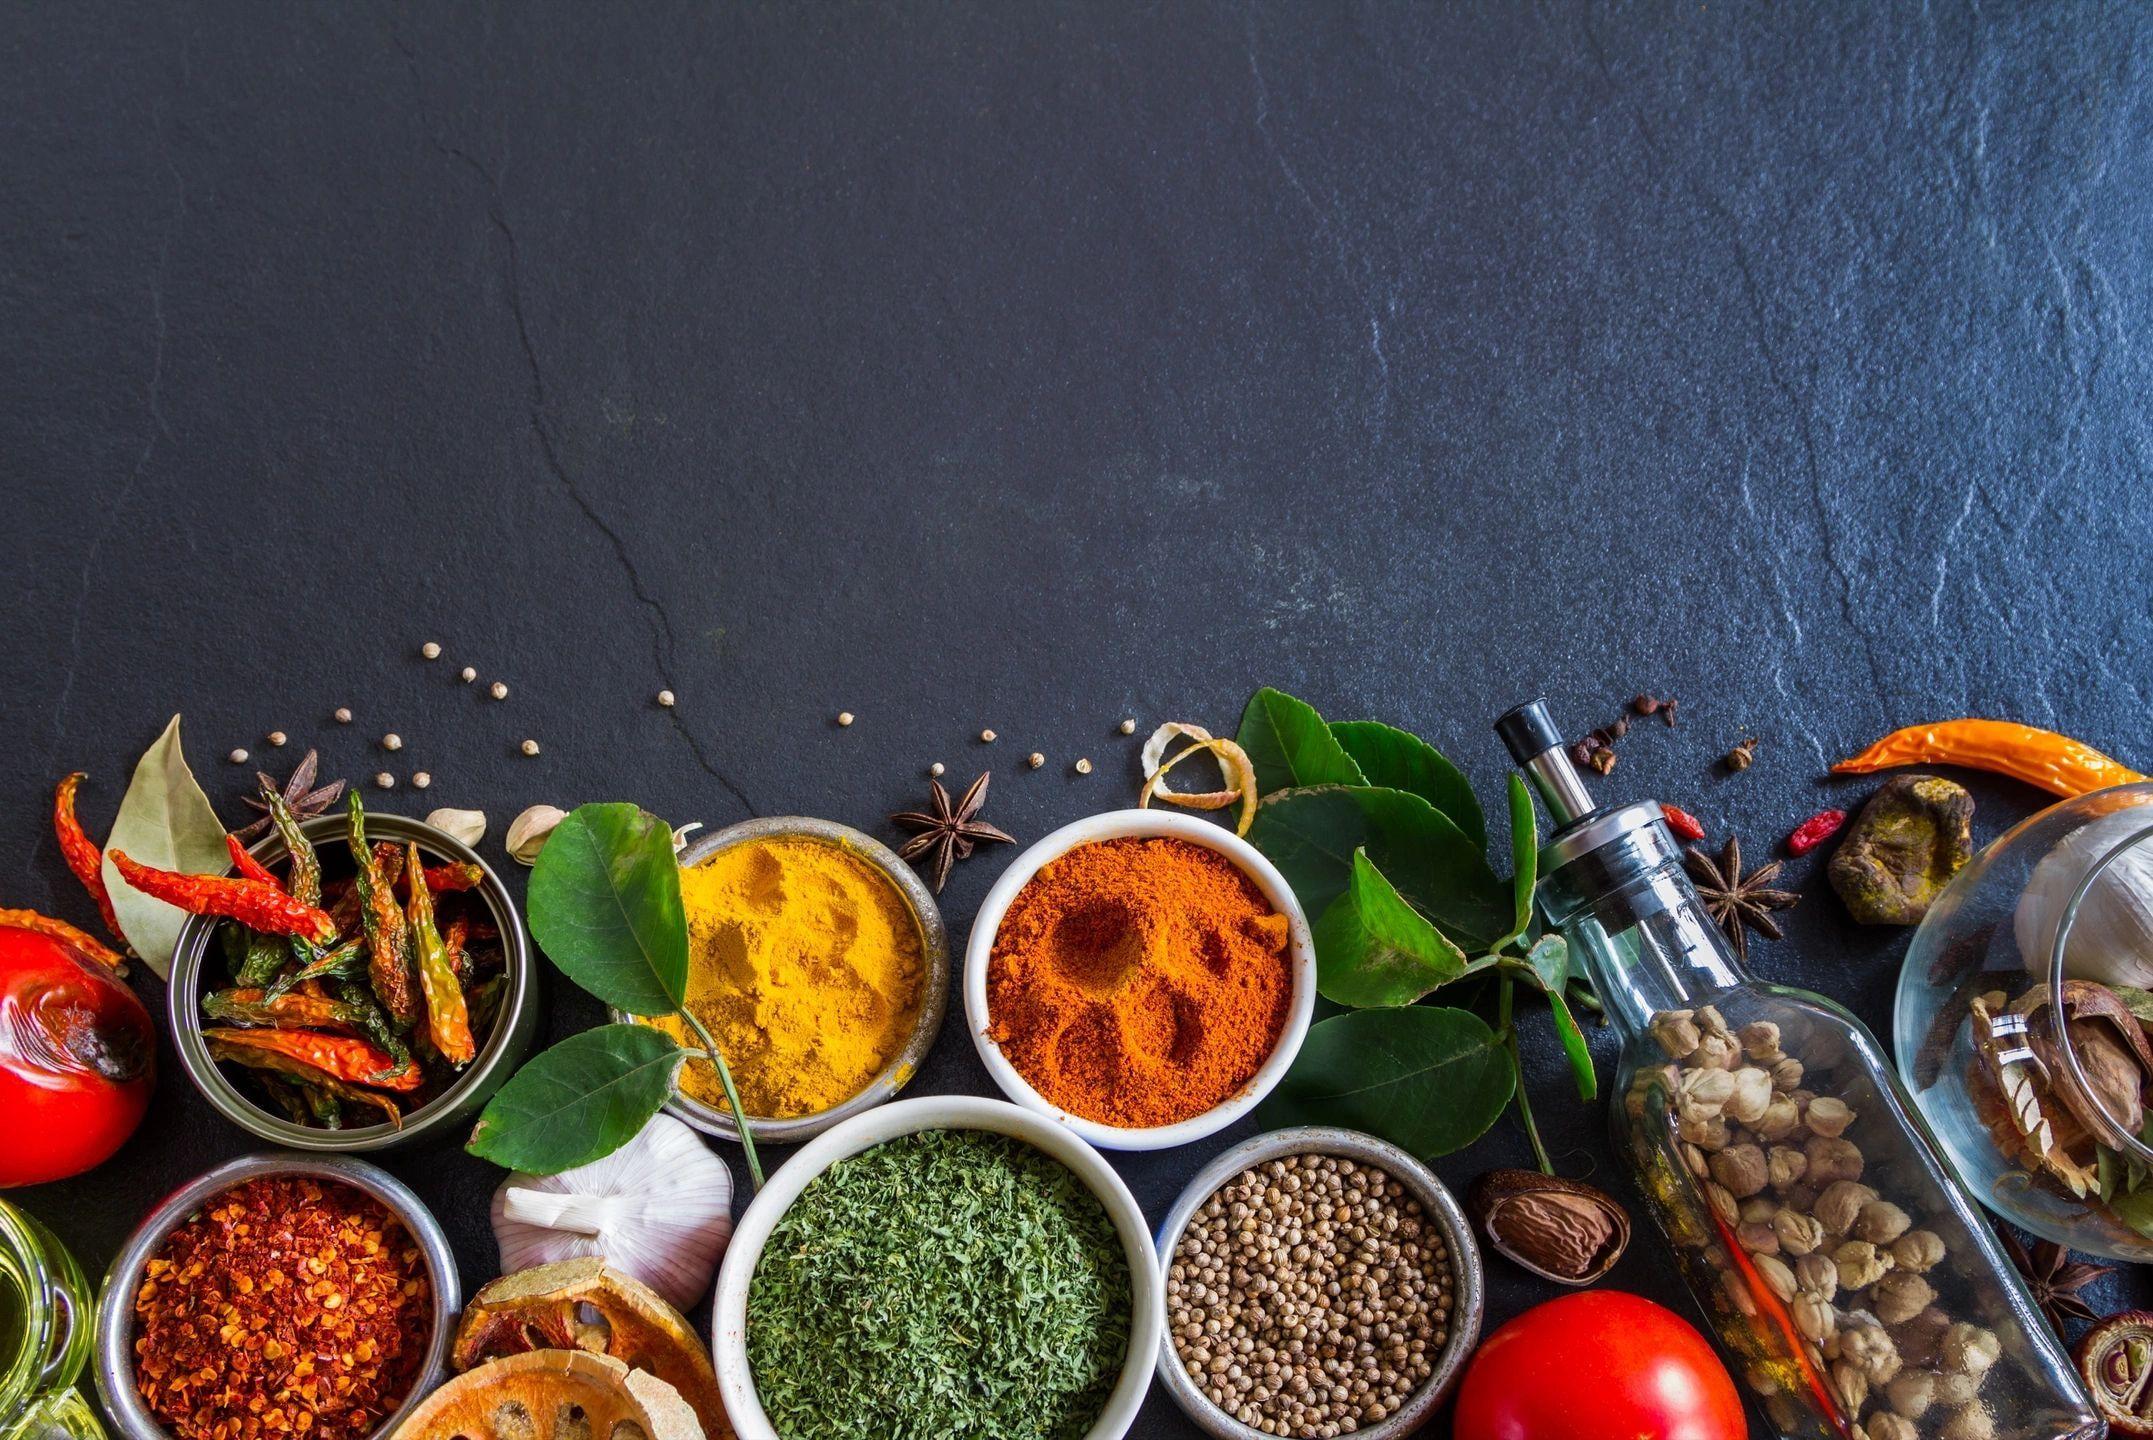 Cuisine Food India Indian Jana Mana 1080p Wallpaper Hdwallpaper Desktop In 2021 Food Wallpaper Brain Boosting Foods Food Food full hd wallpaper